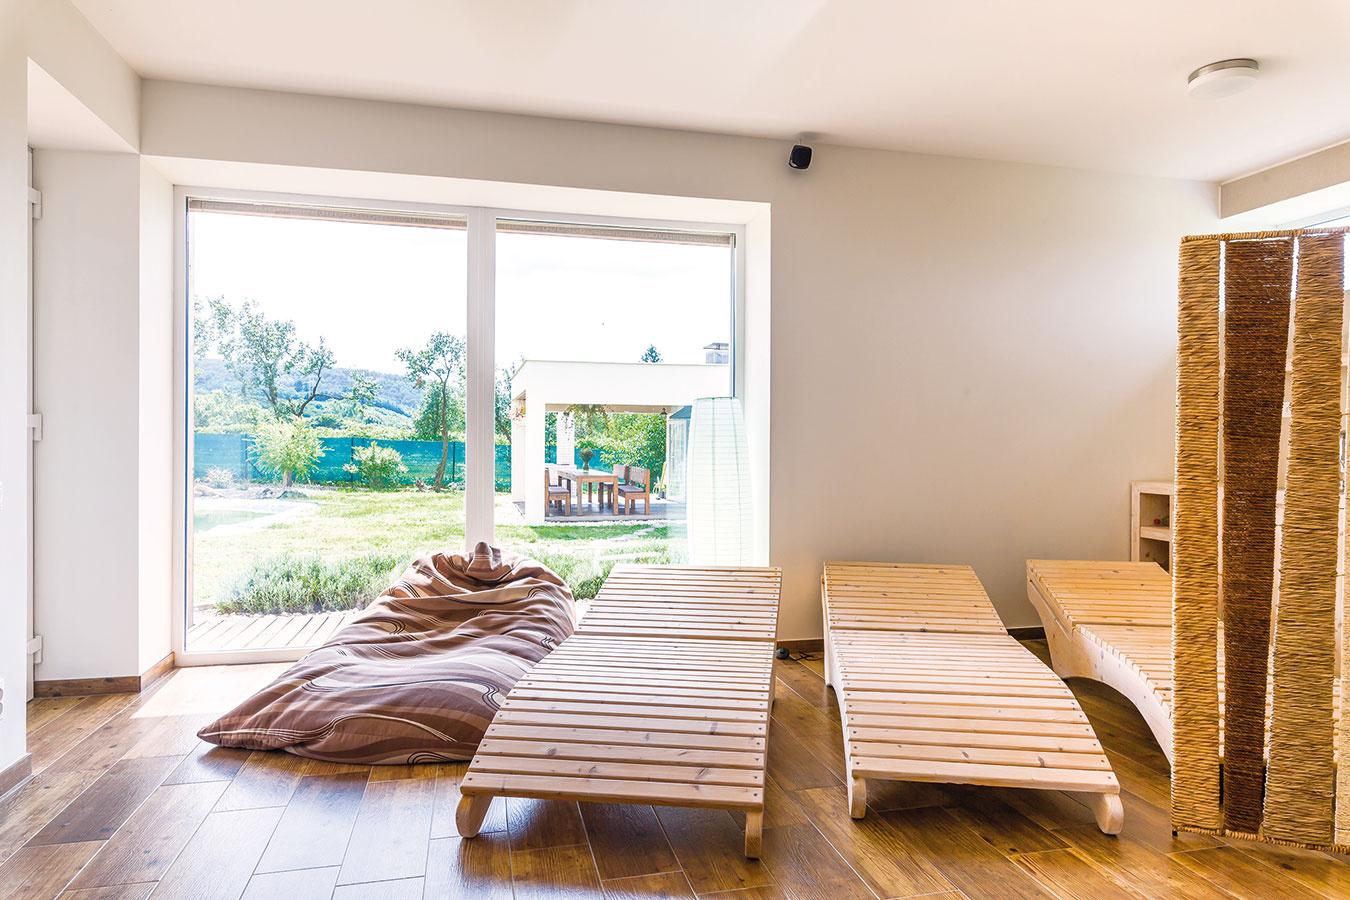 """Zwellness miestnosti sa rovnako ako zostatných izieb vdome dá vyjsť posuvnými dverami na terasu ado záhrady. Saunu domáci využívajú pravidelne po celú zimu. """"Je to úžasný relax, navyše je človek vďaka tomu menej chorý,"""" hovorí domáca pani."""